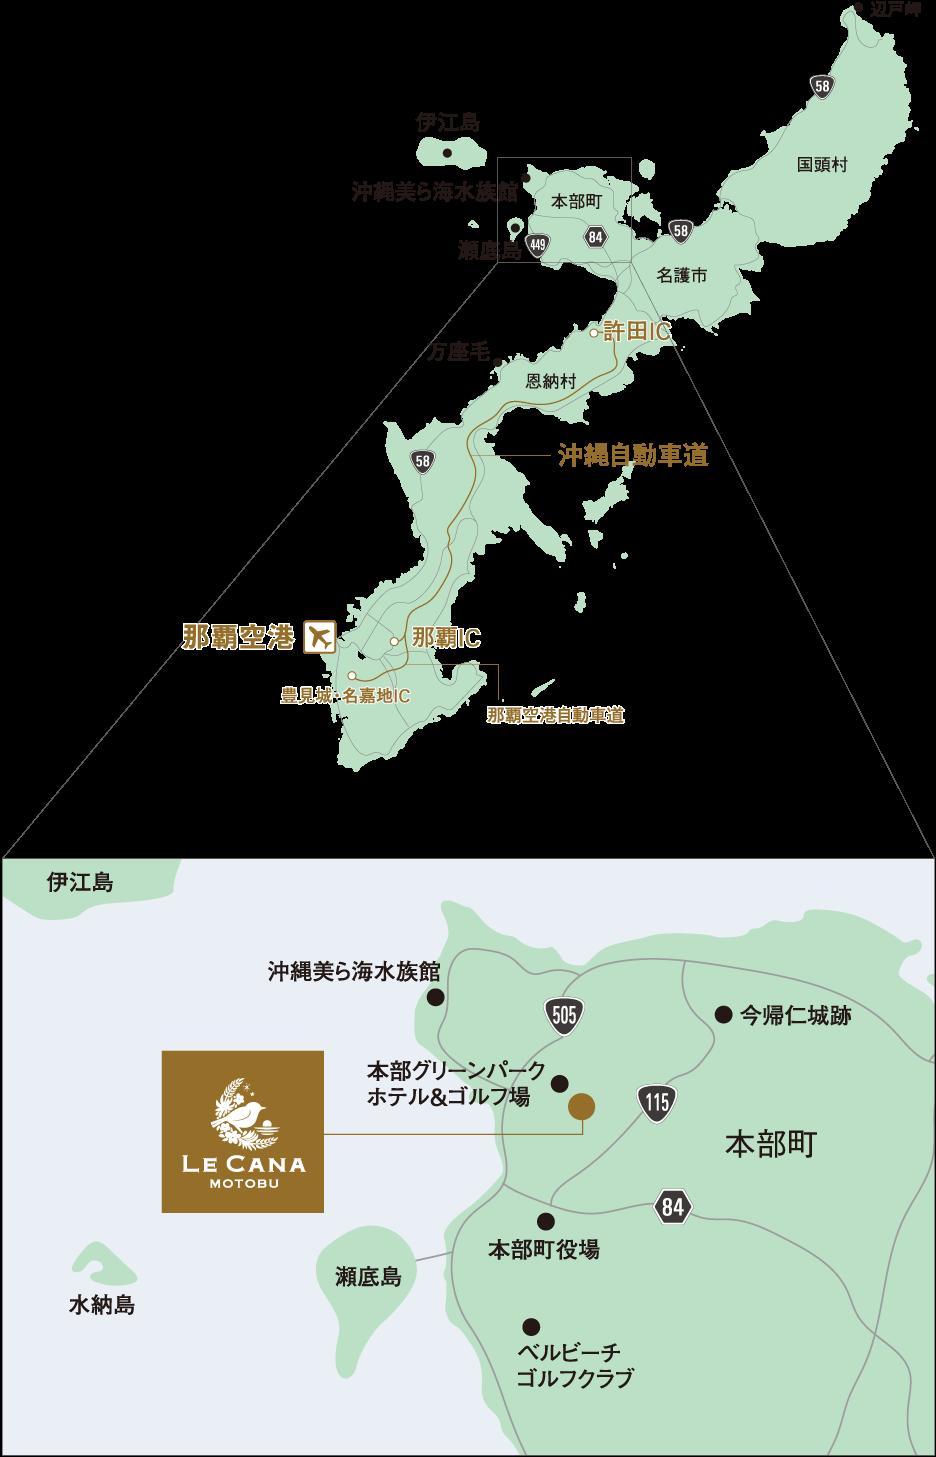 沖繩私宅婚禮lecana位置地圖